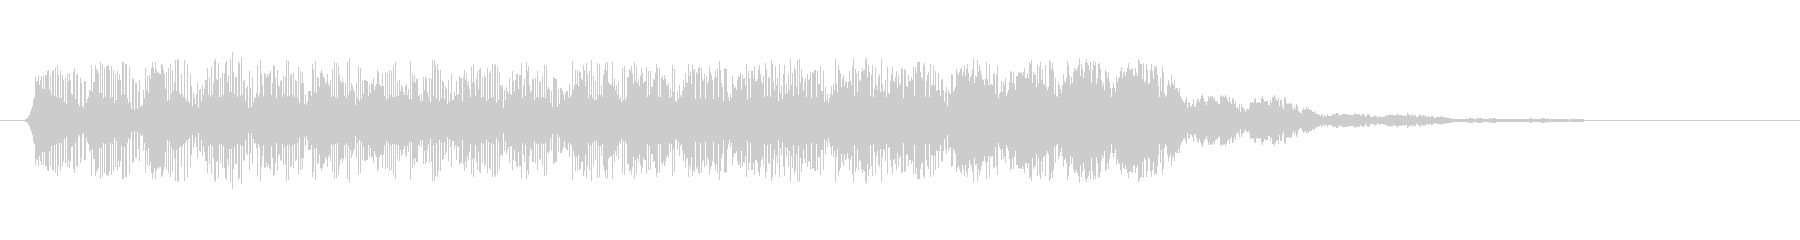 ファミコン風効果音 ポップアップ・上昇 の未再生の波形